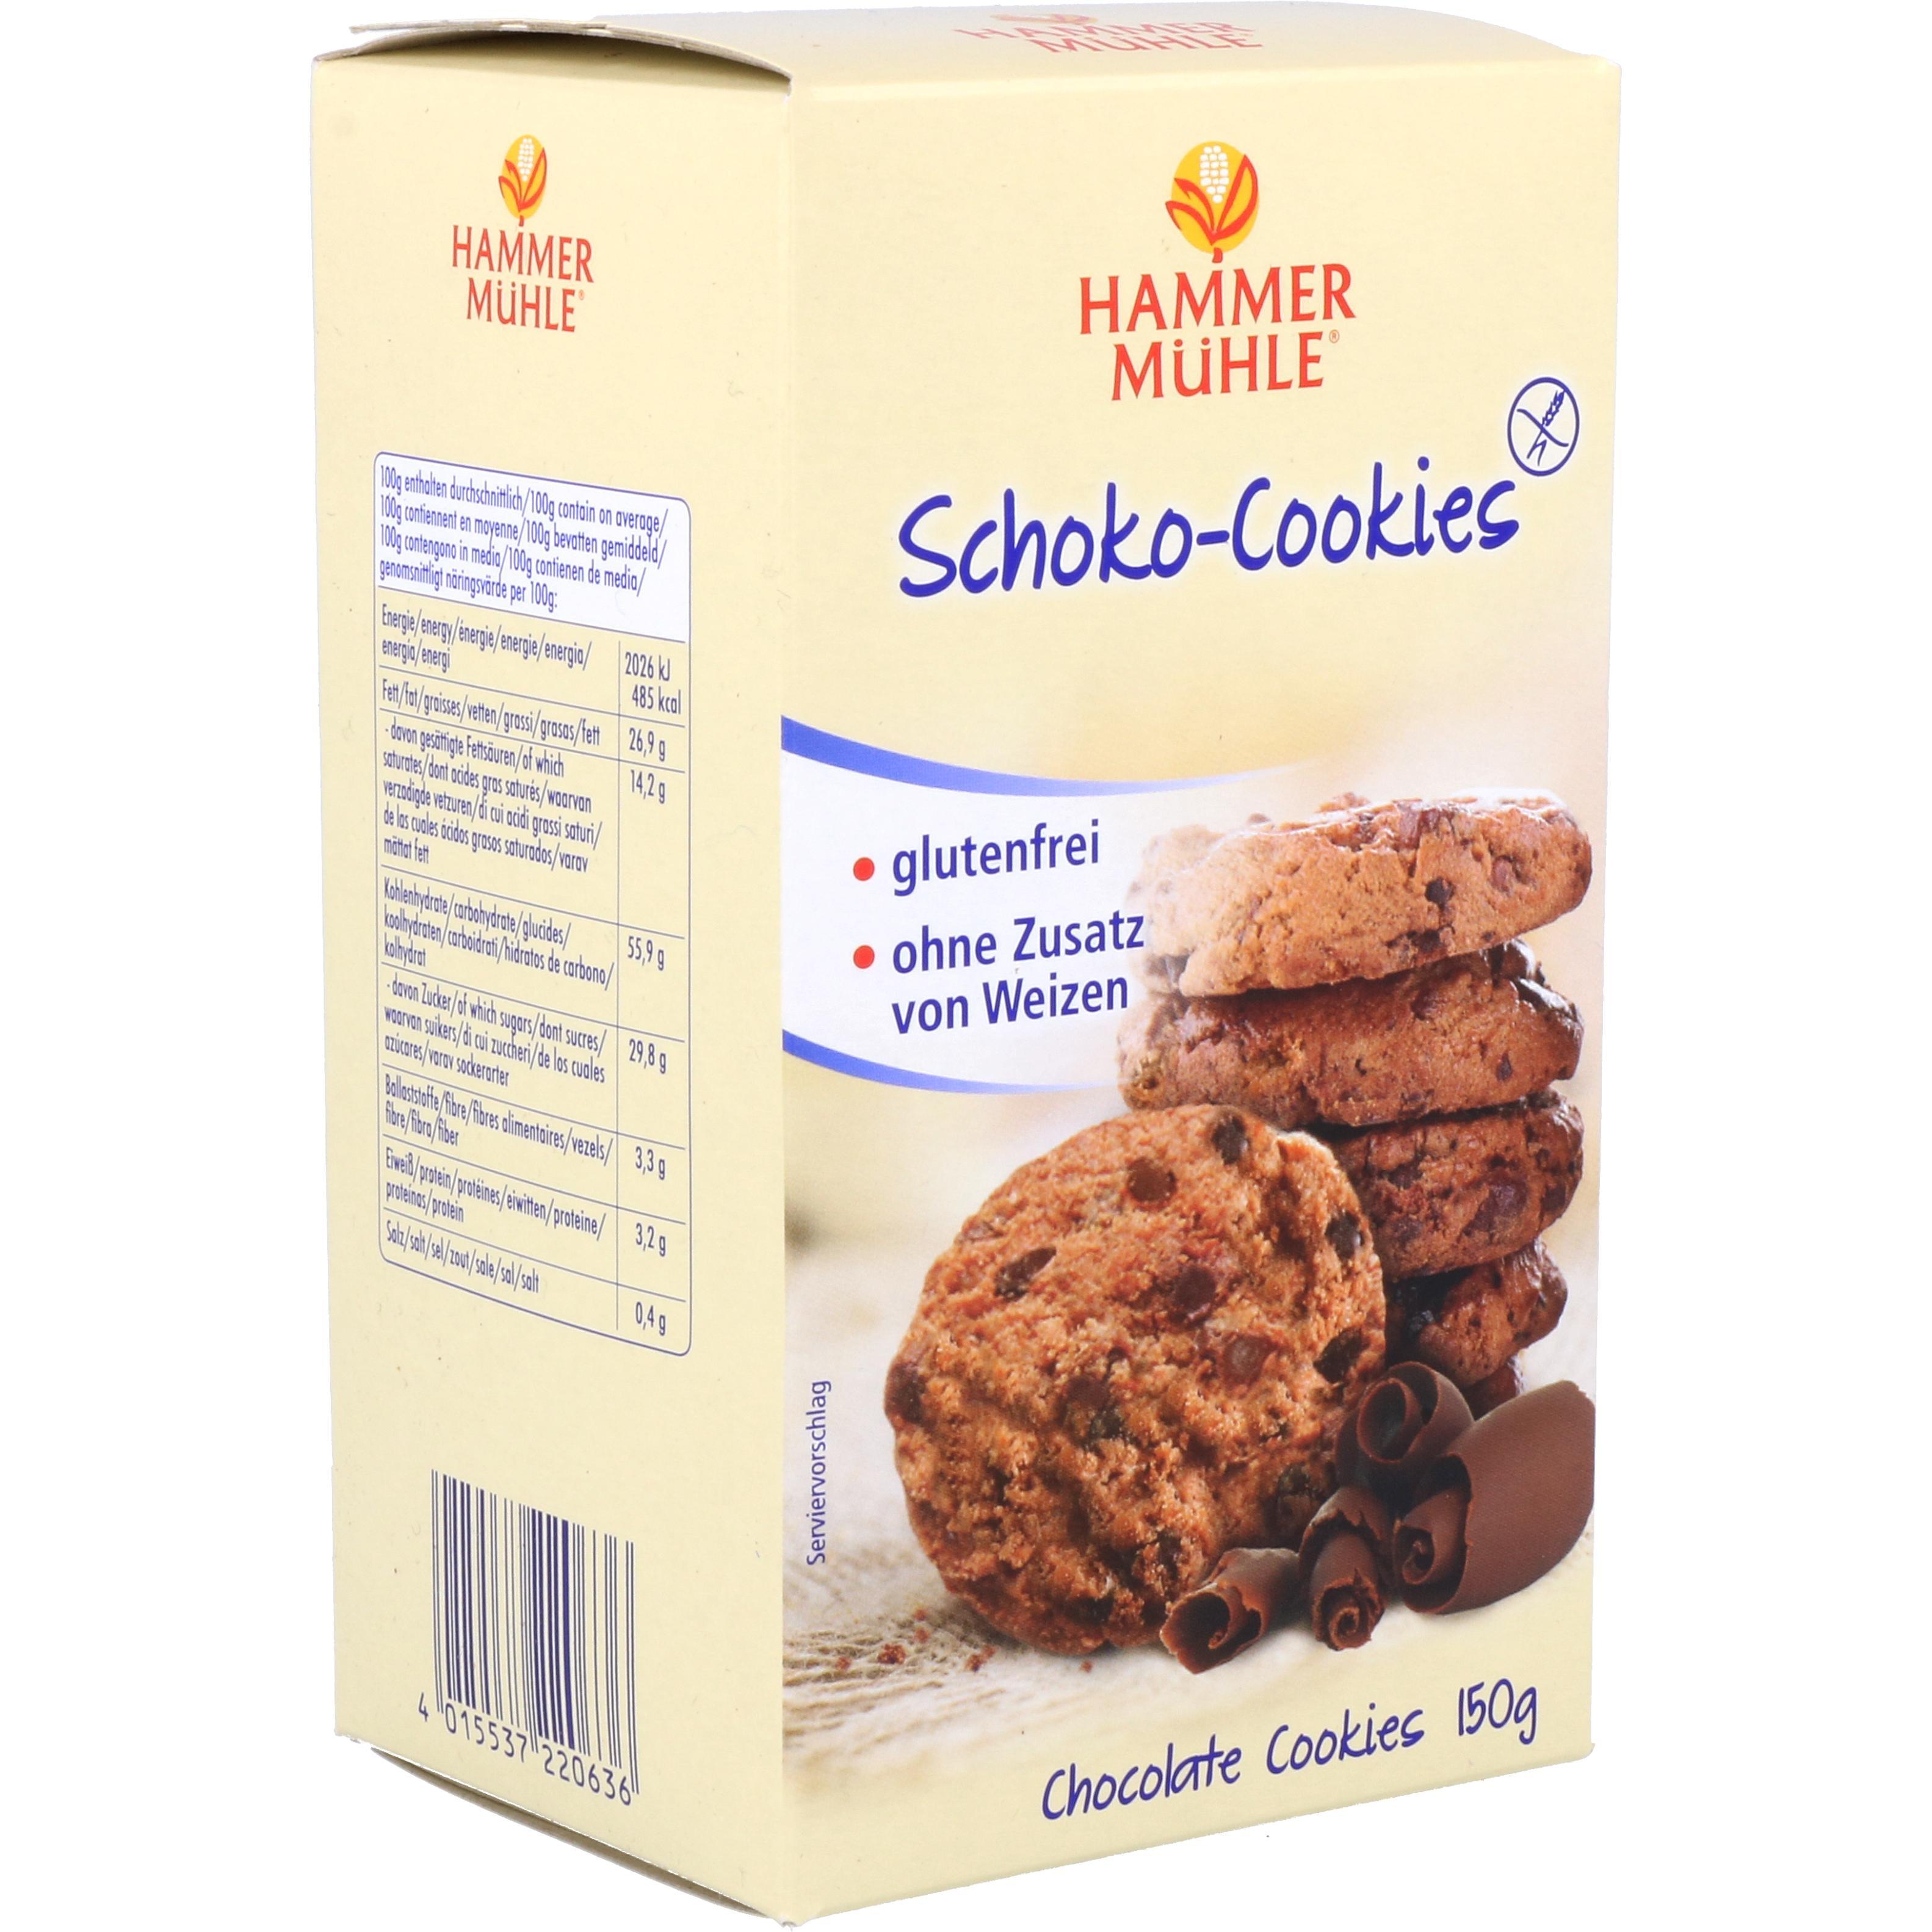 Hammermühle Schoko-Cookies 150g